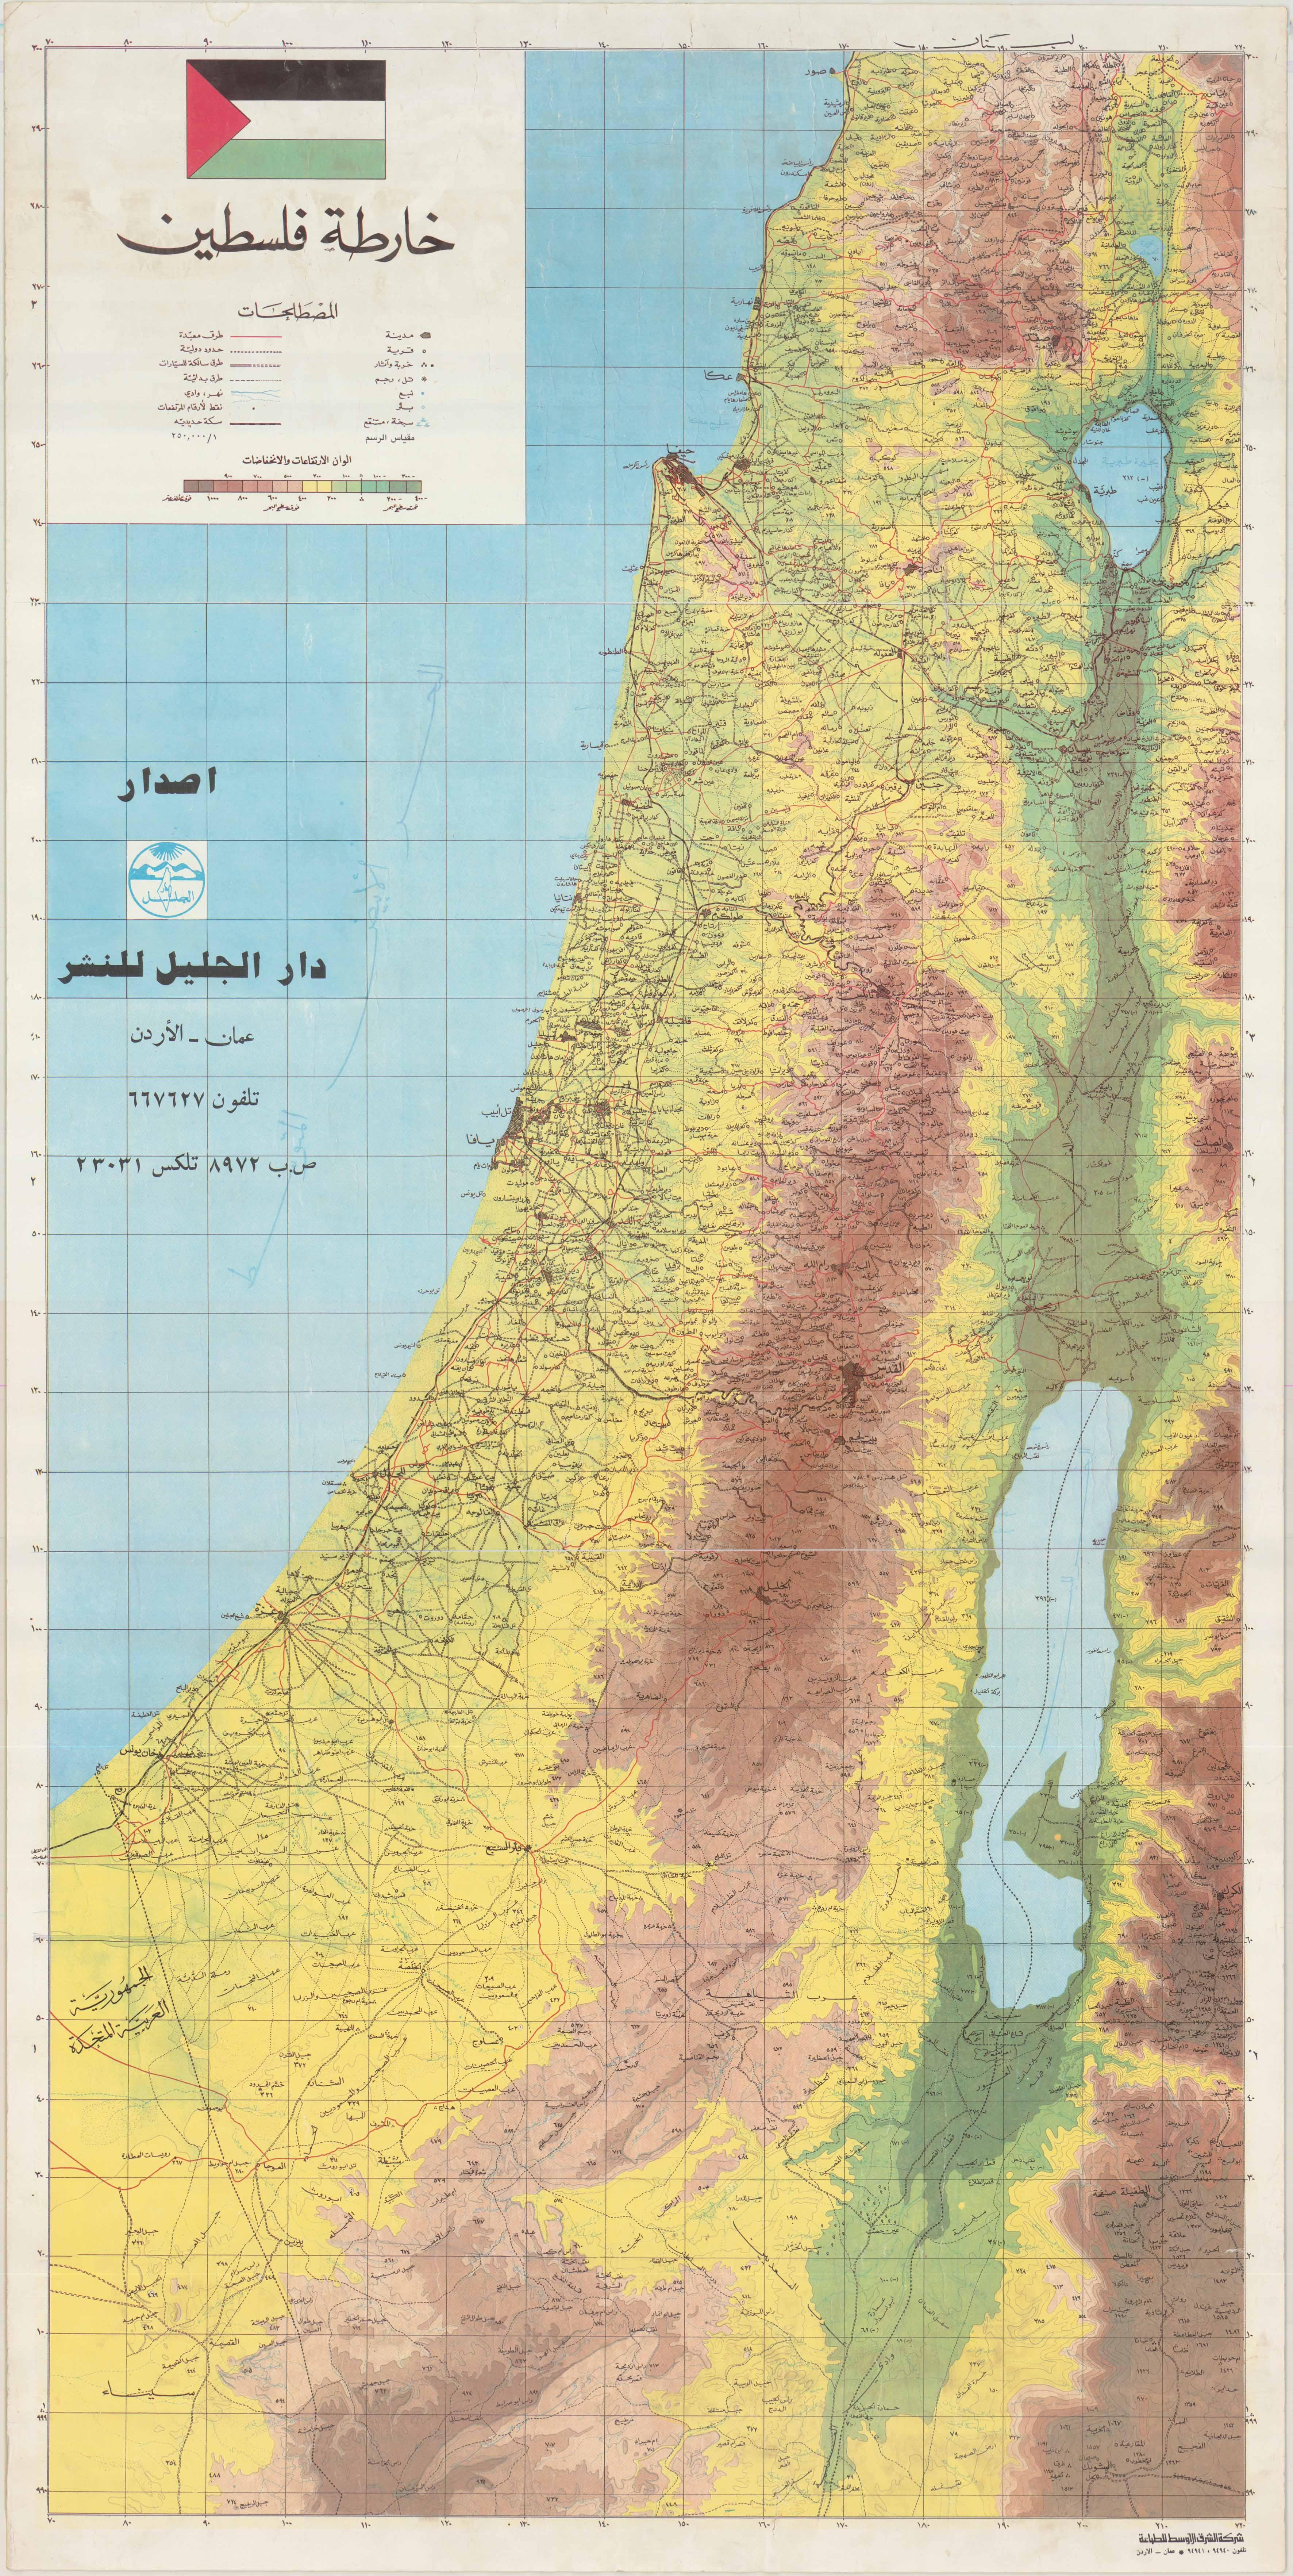 خريطة فلسطين المفصلة مع المدن والقرى